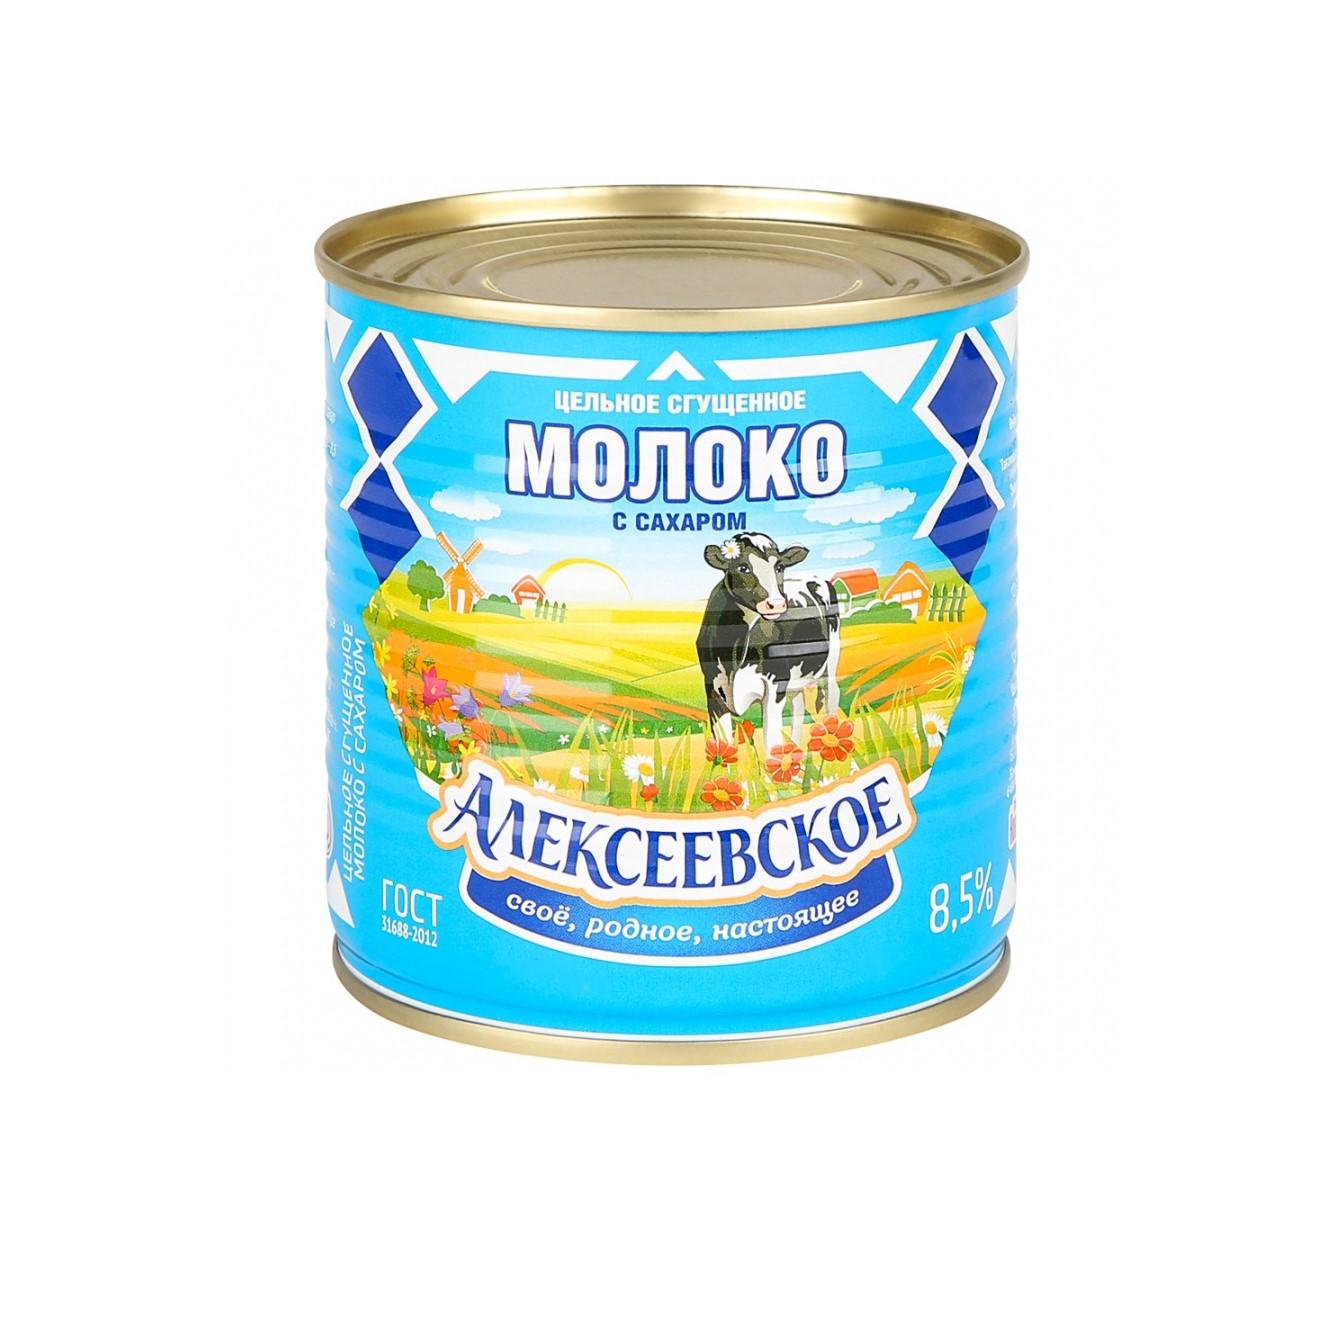 Молоко Алексеевское сгущенное с сахаром 8,5%, 360 г алексеевское бзмж молоко сгущенное с сахаром алексеевское